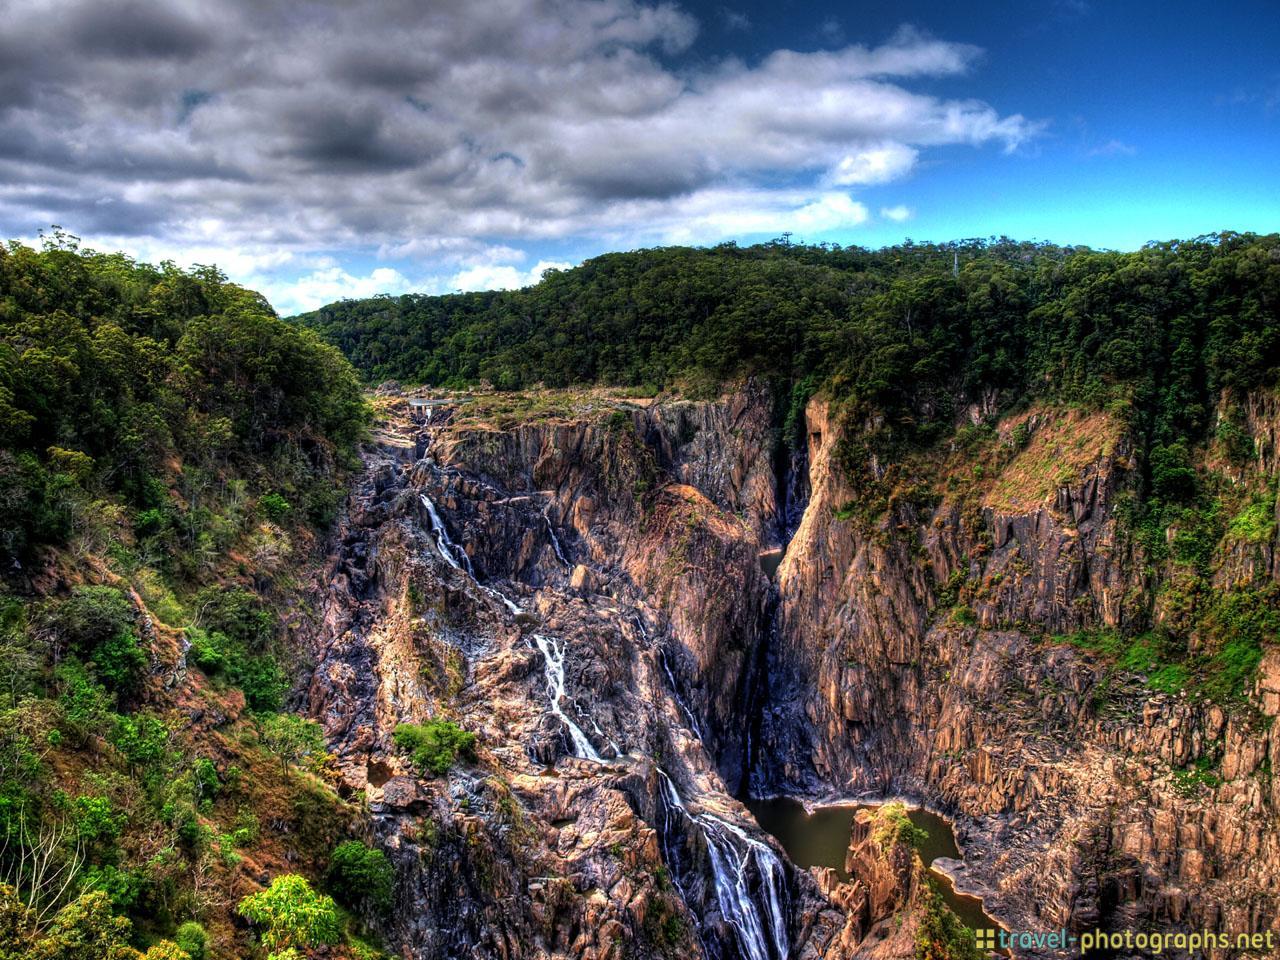 Cairns Info.com - The Tablelands Waterfalls Tour - Cairns ... |Cairns Australia Waterfalls